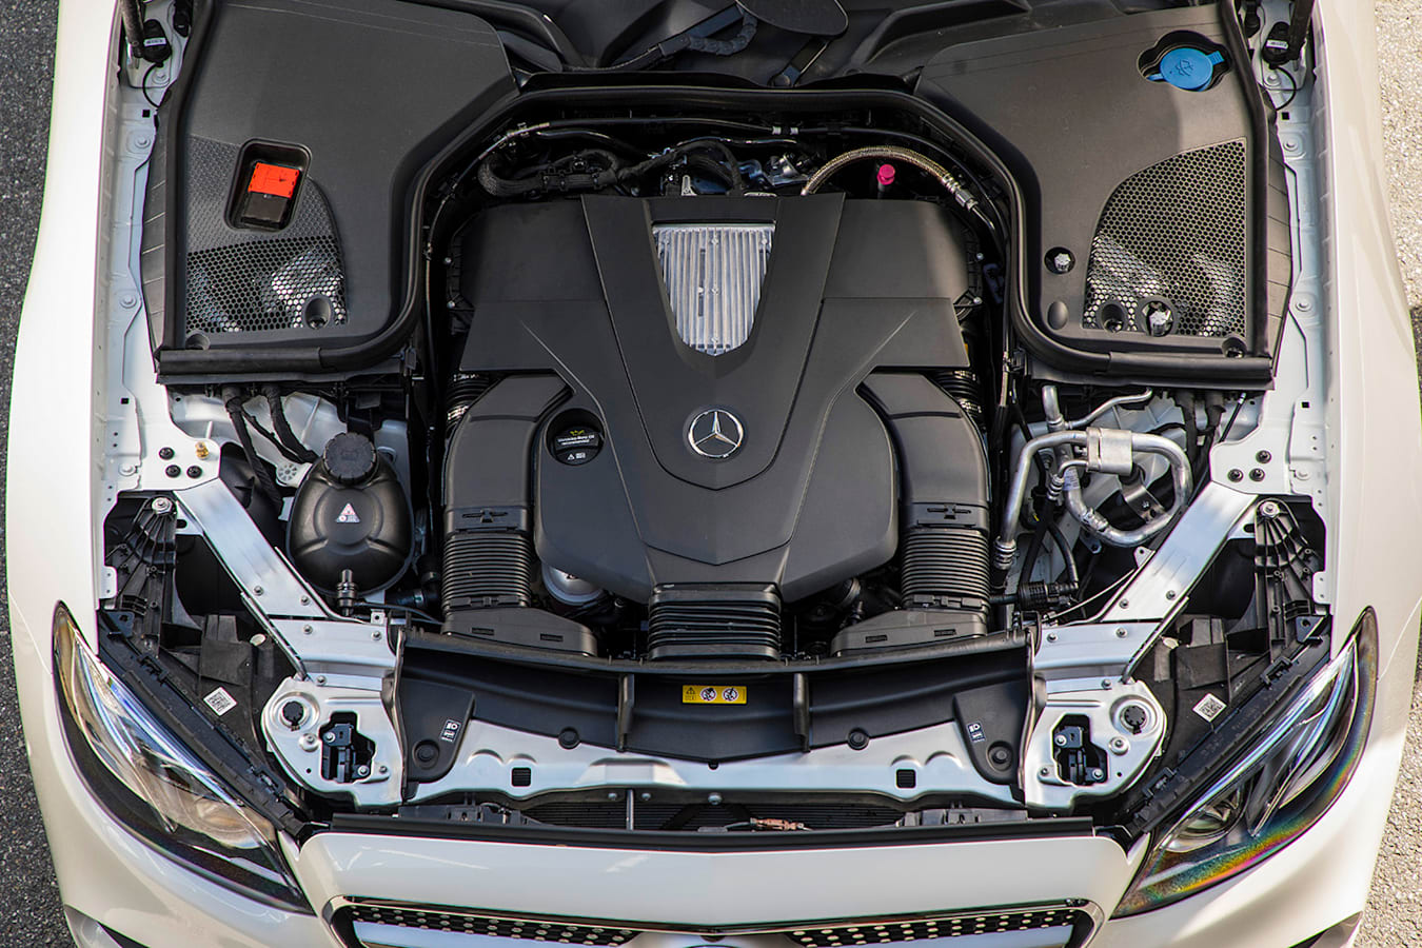 2018 Mercedes Benz E 400 Cabrio Engine Jpg